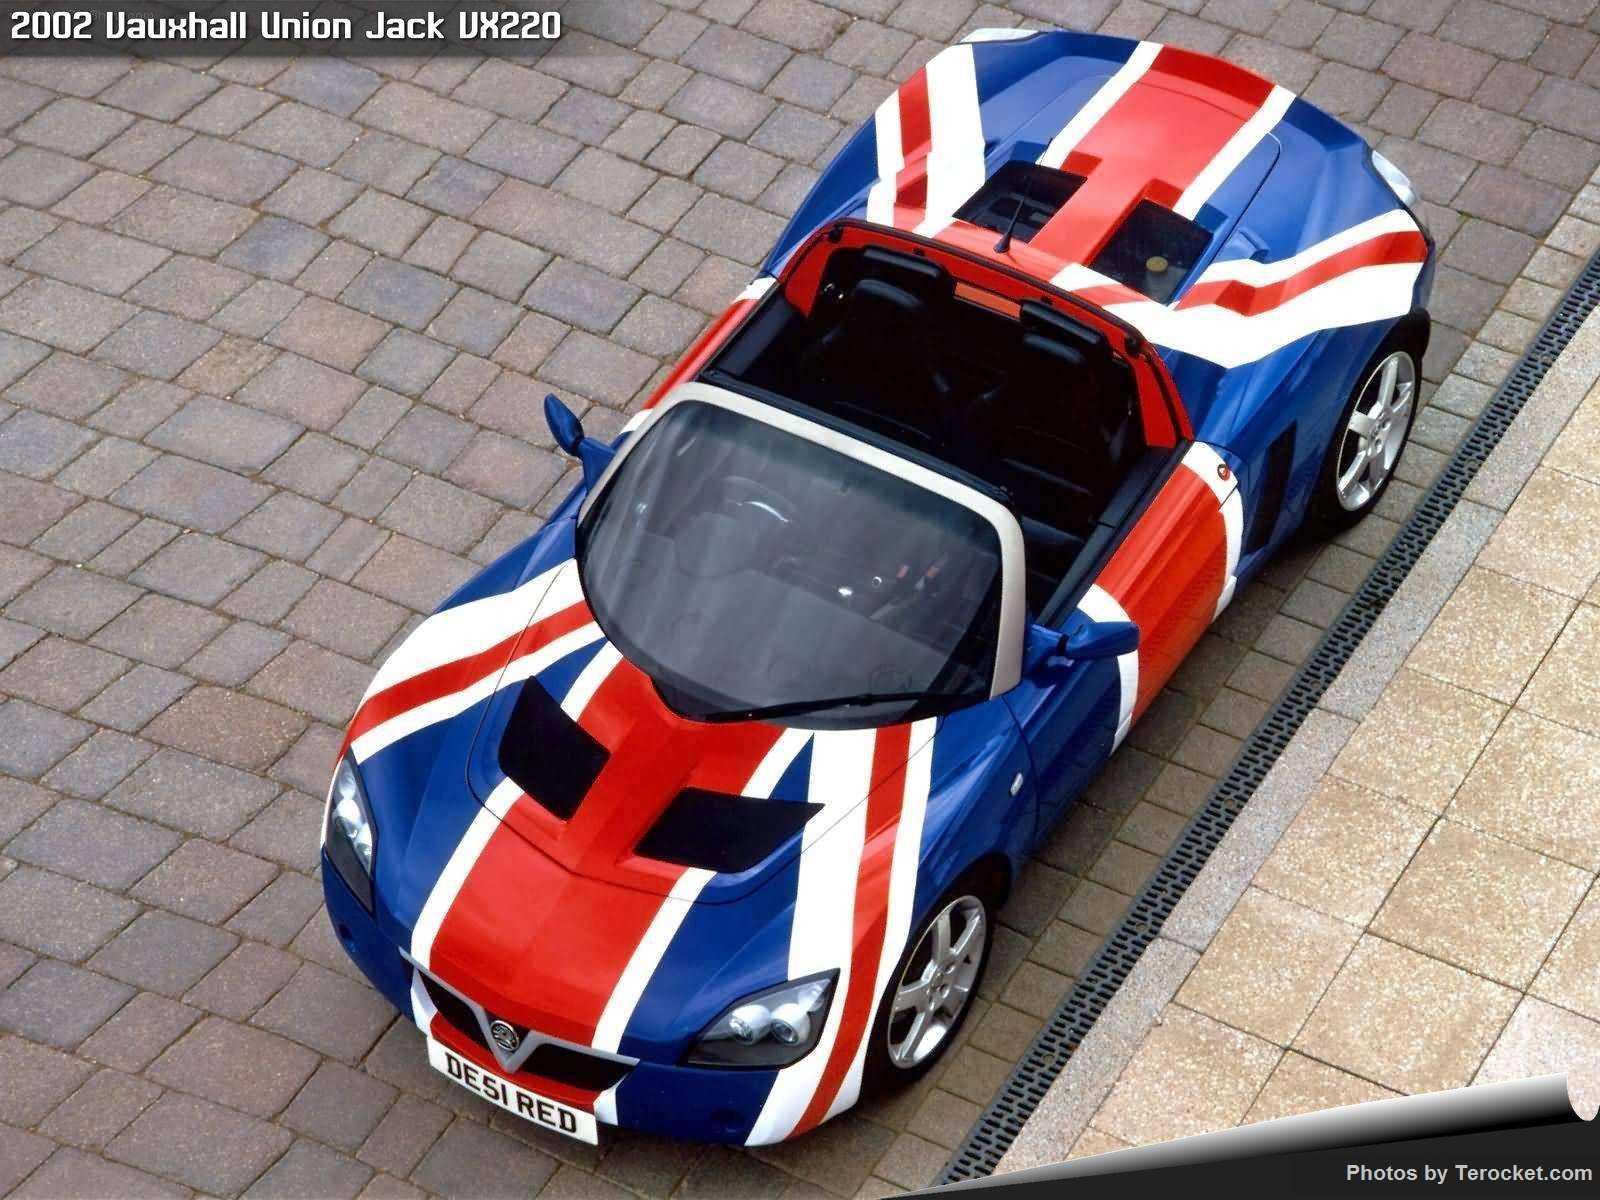 Hình ảnh xe ô tô Vauxhall Union Jack VX220 2002 & nội ngoại thất